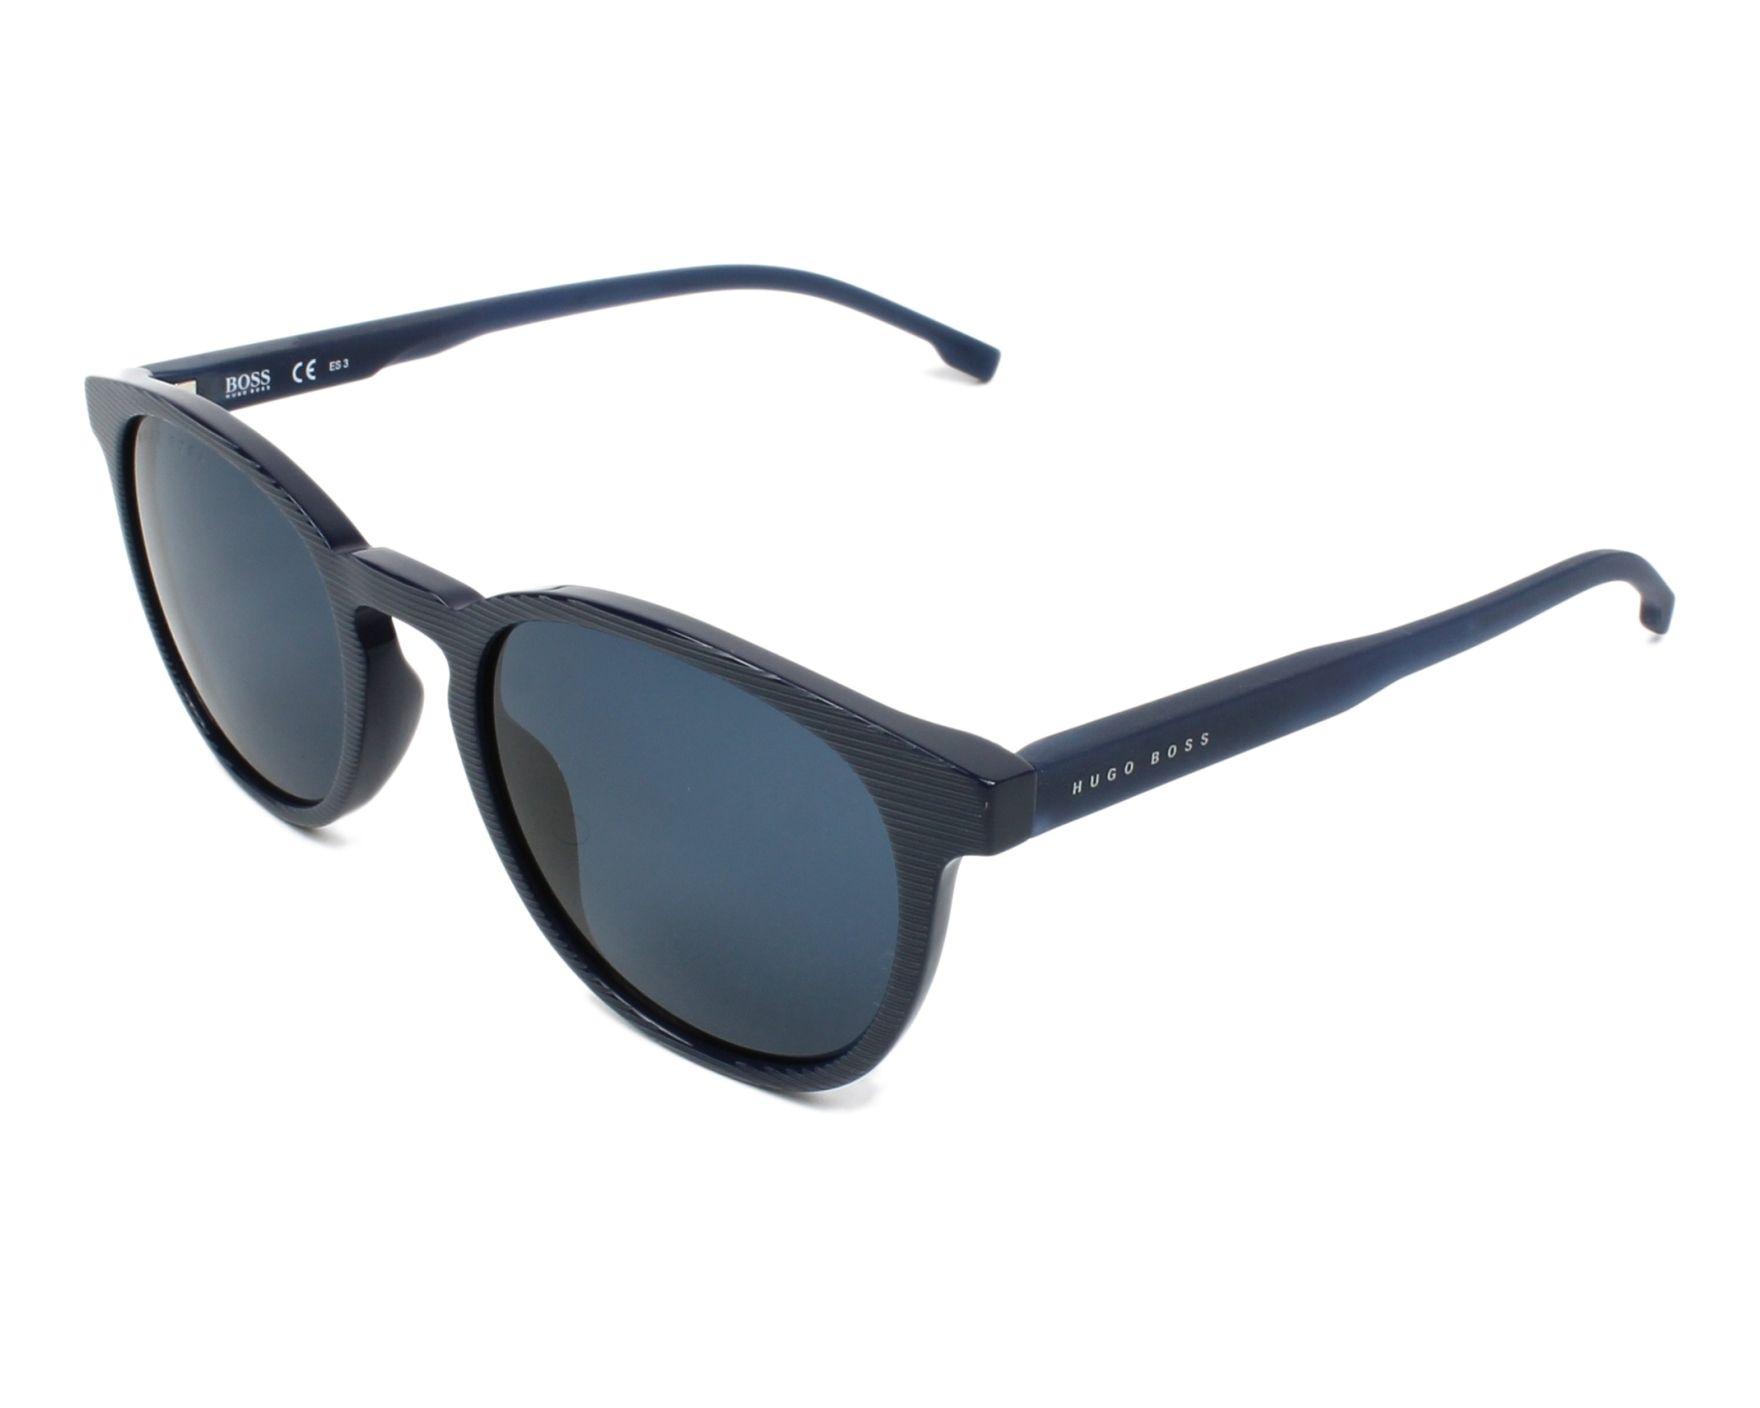 lunettes de soleil hugo boss boss 0922 s avs ku bleu avec des verres bleu gris pour hommes. Black Bedroom Furniture Sets. Home Design Ideas